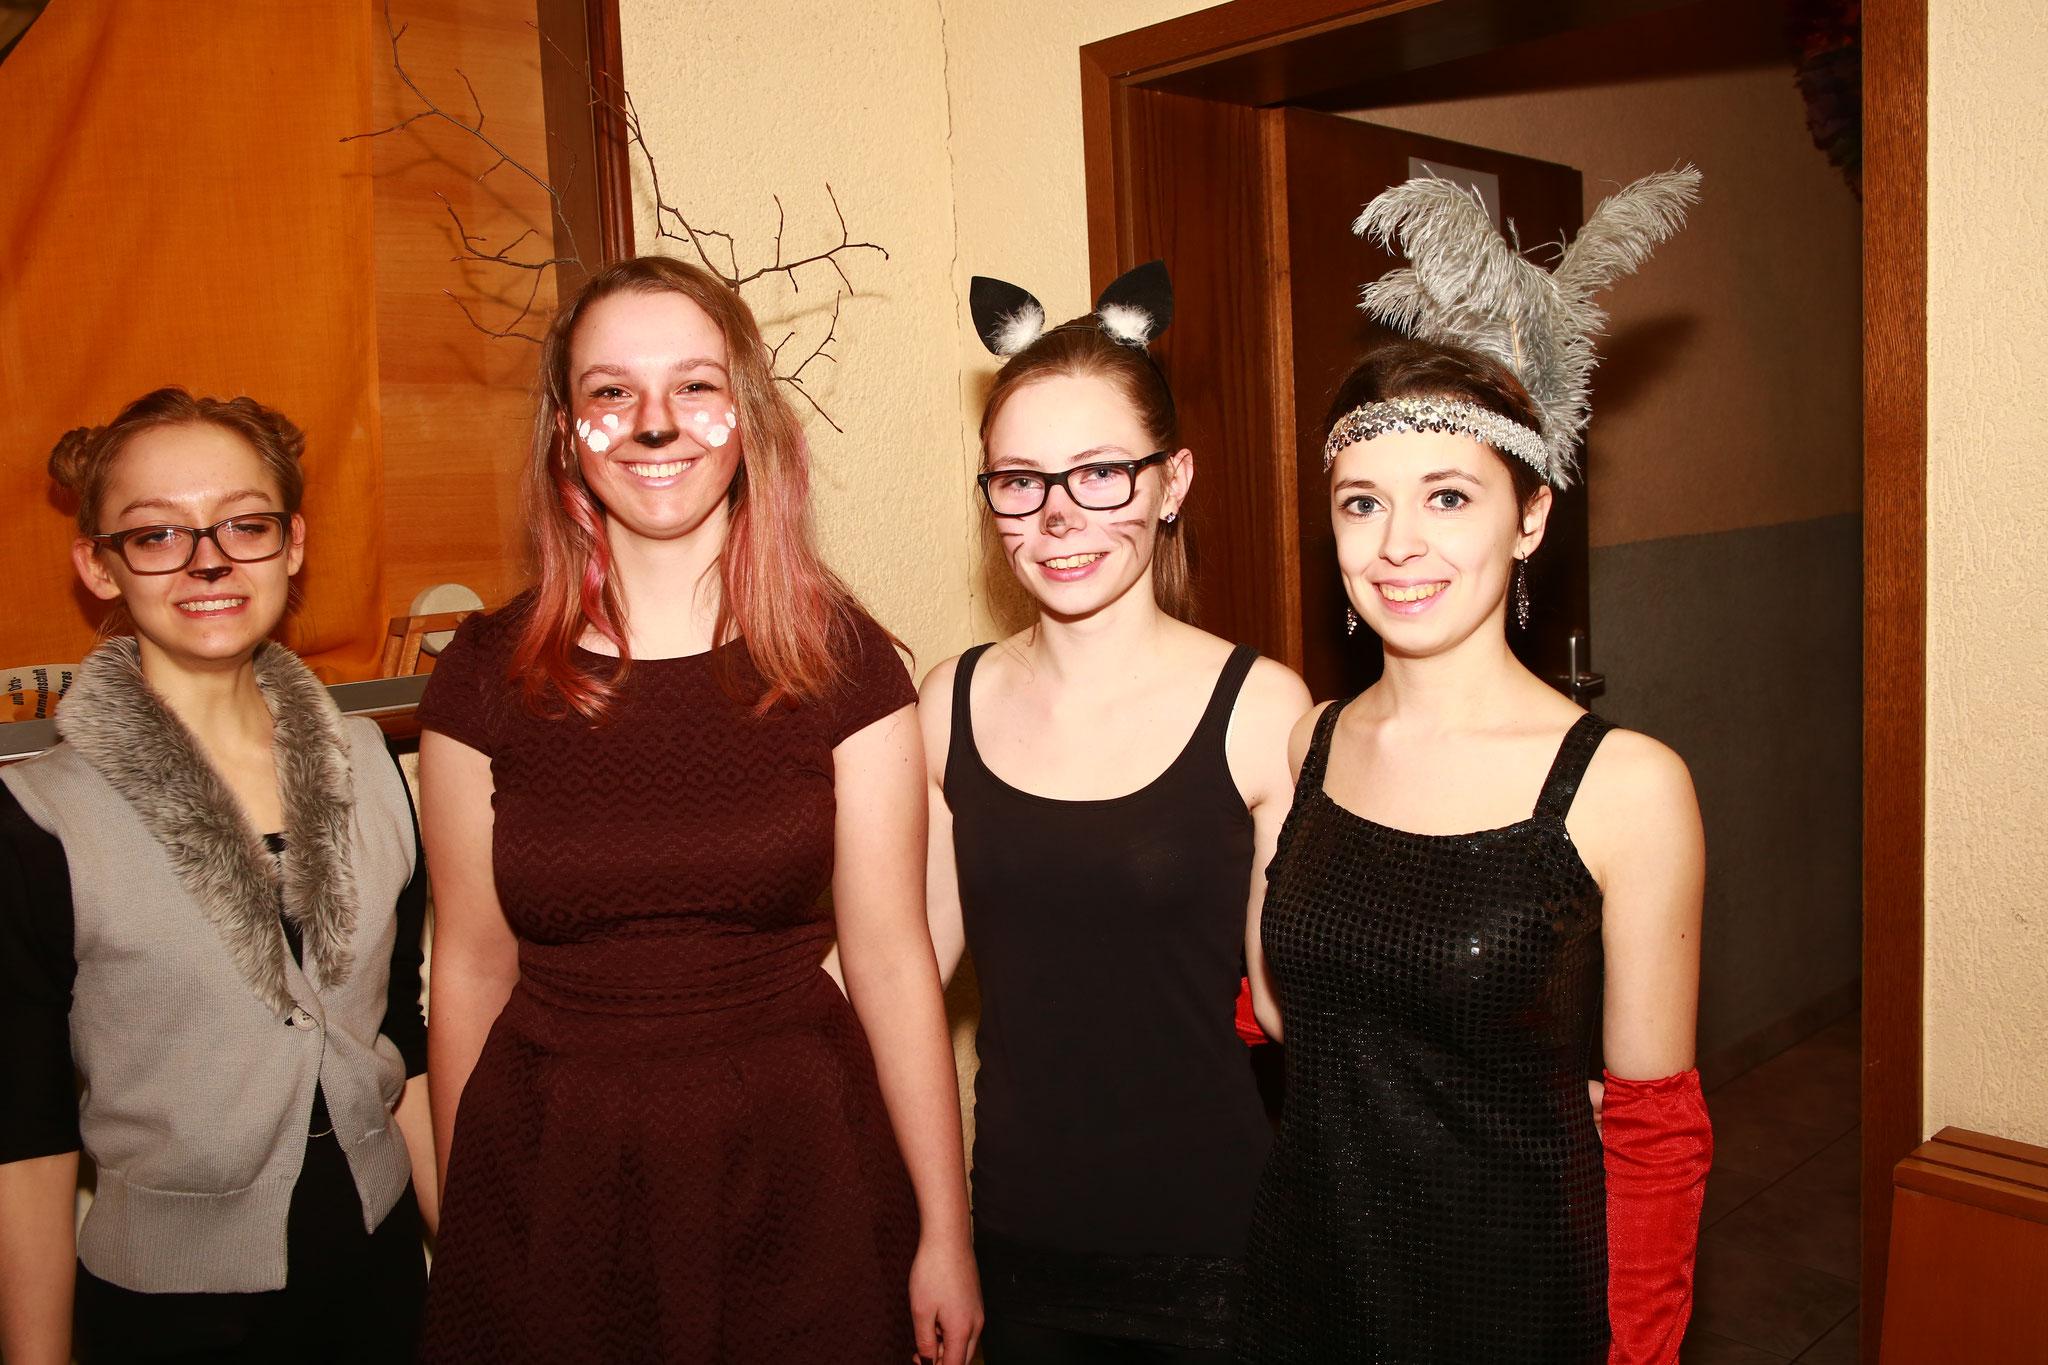 Genauso die Damen beim Kaffee- und Kuchenverkauf. Zum ersten Mal mit dabei war Eva (zweite von rechts) - hat uns sehr gefreut :)